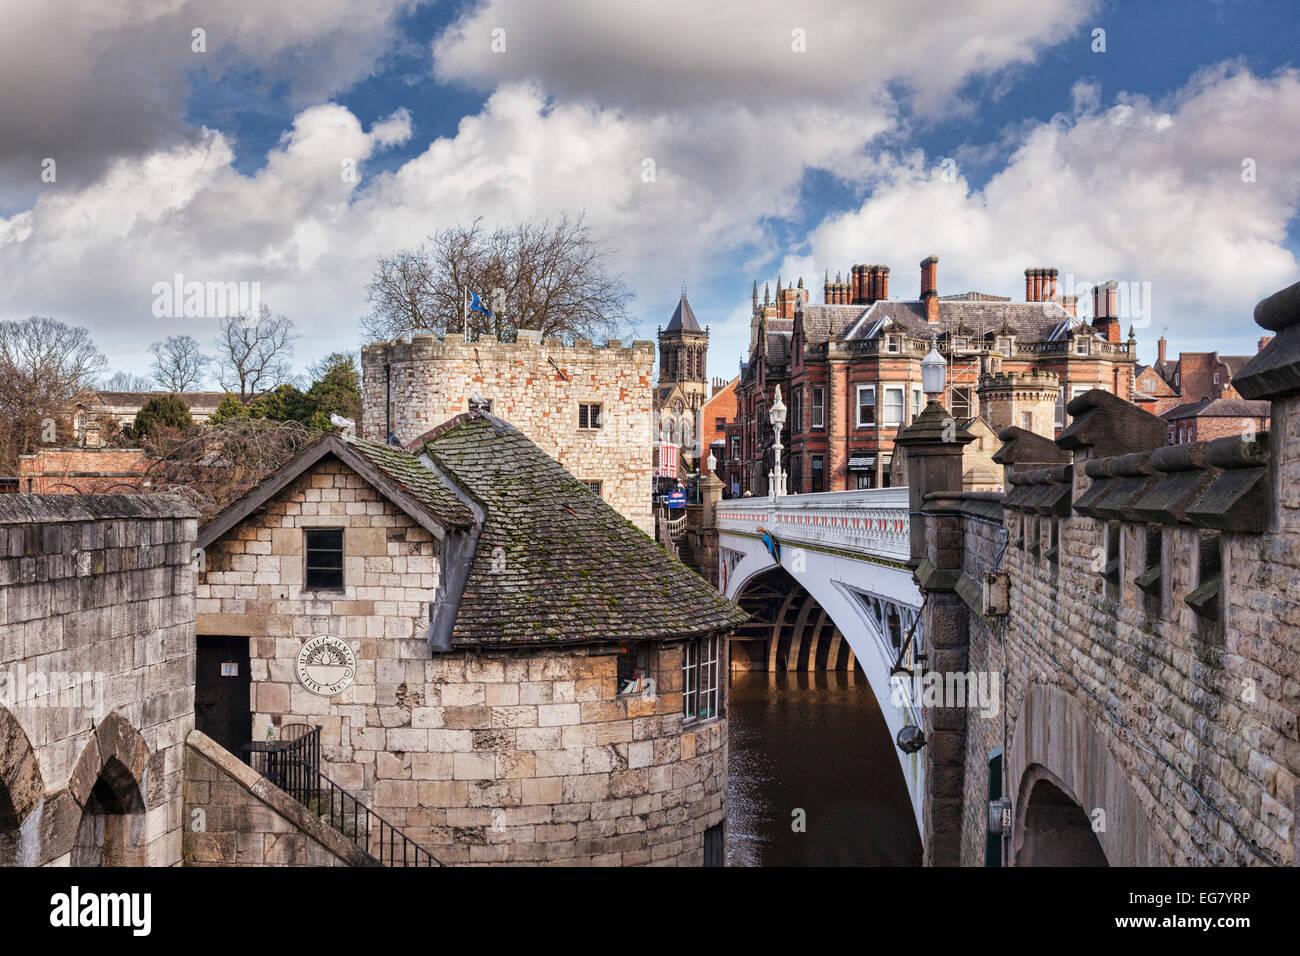 Certains des bâtiments historiques de York, North Yorkshire, Angleterre, montrant une variété de Photo Stock